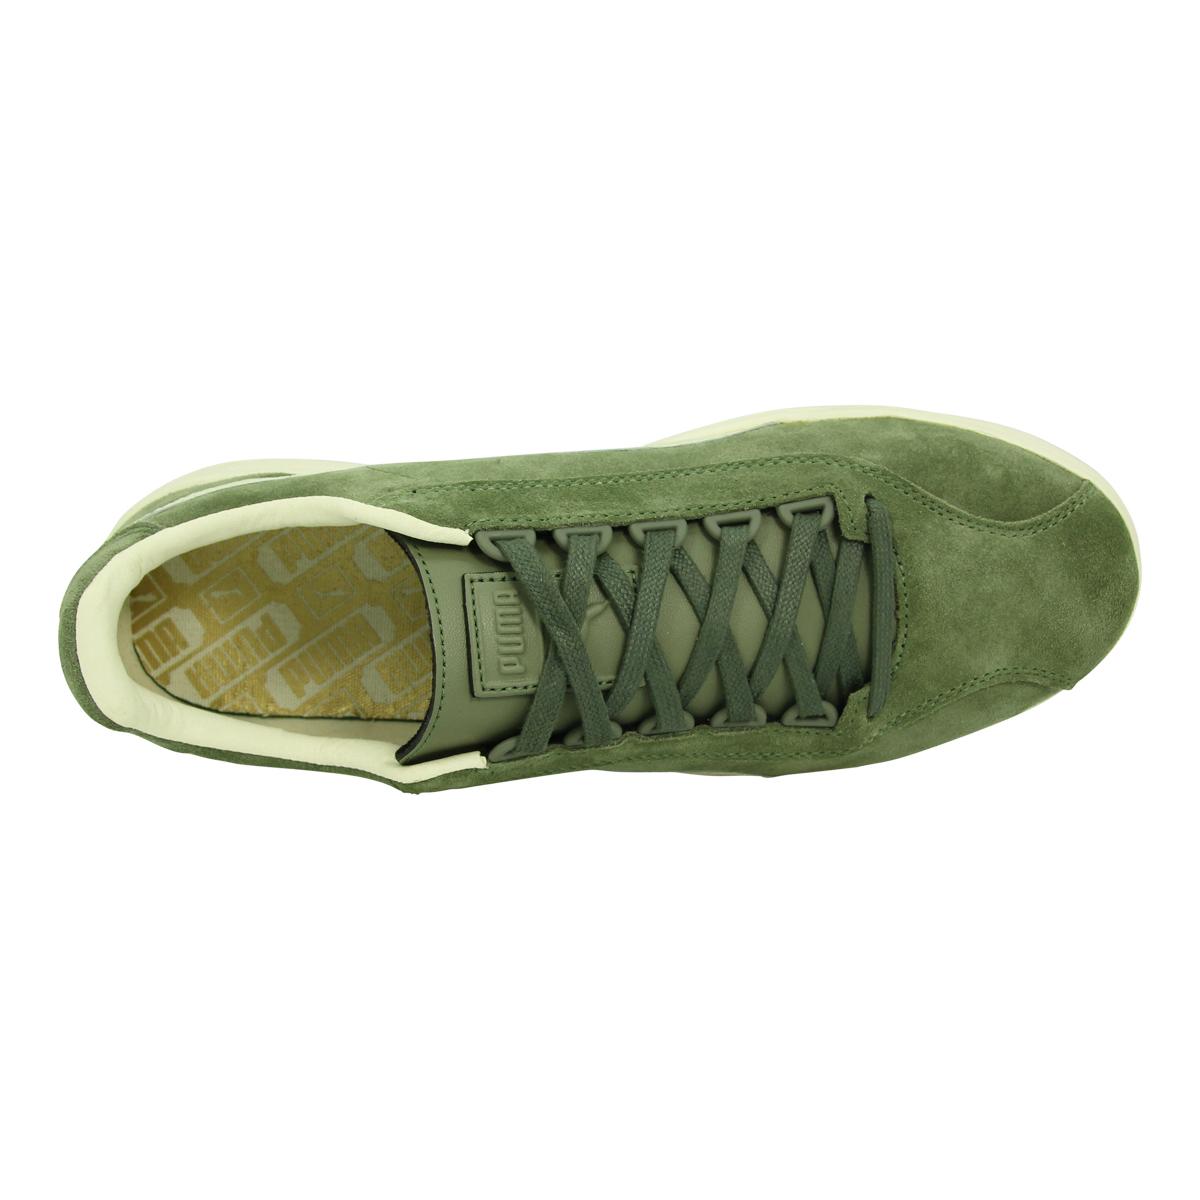 Details zu Puma DALLAS OG Leder Herren Sneakers Schuhe Neu